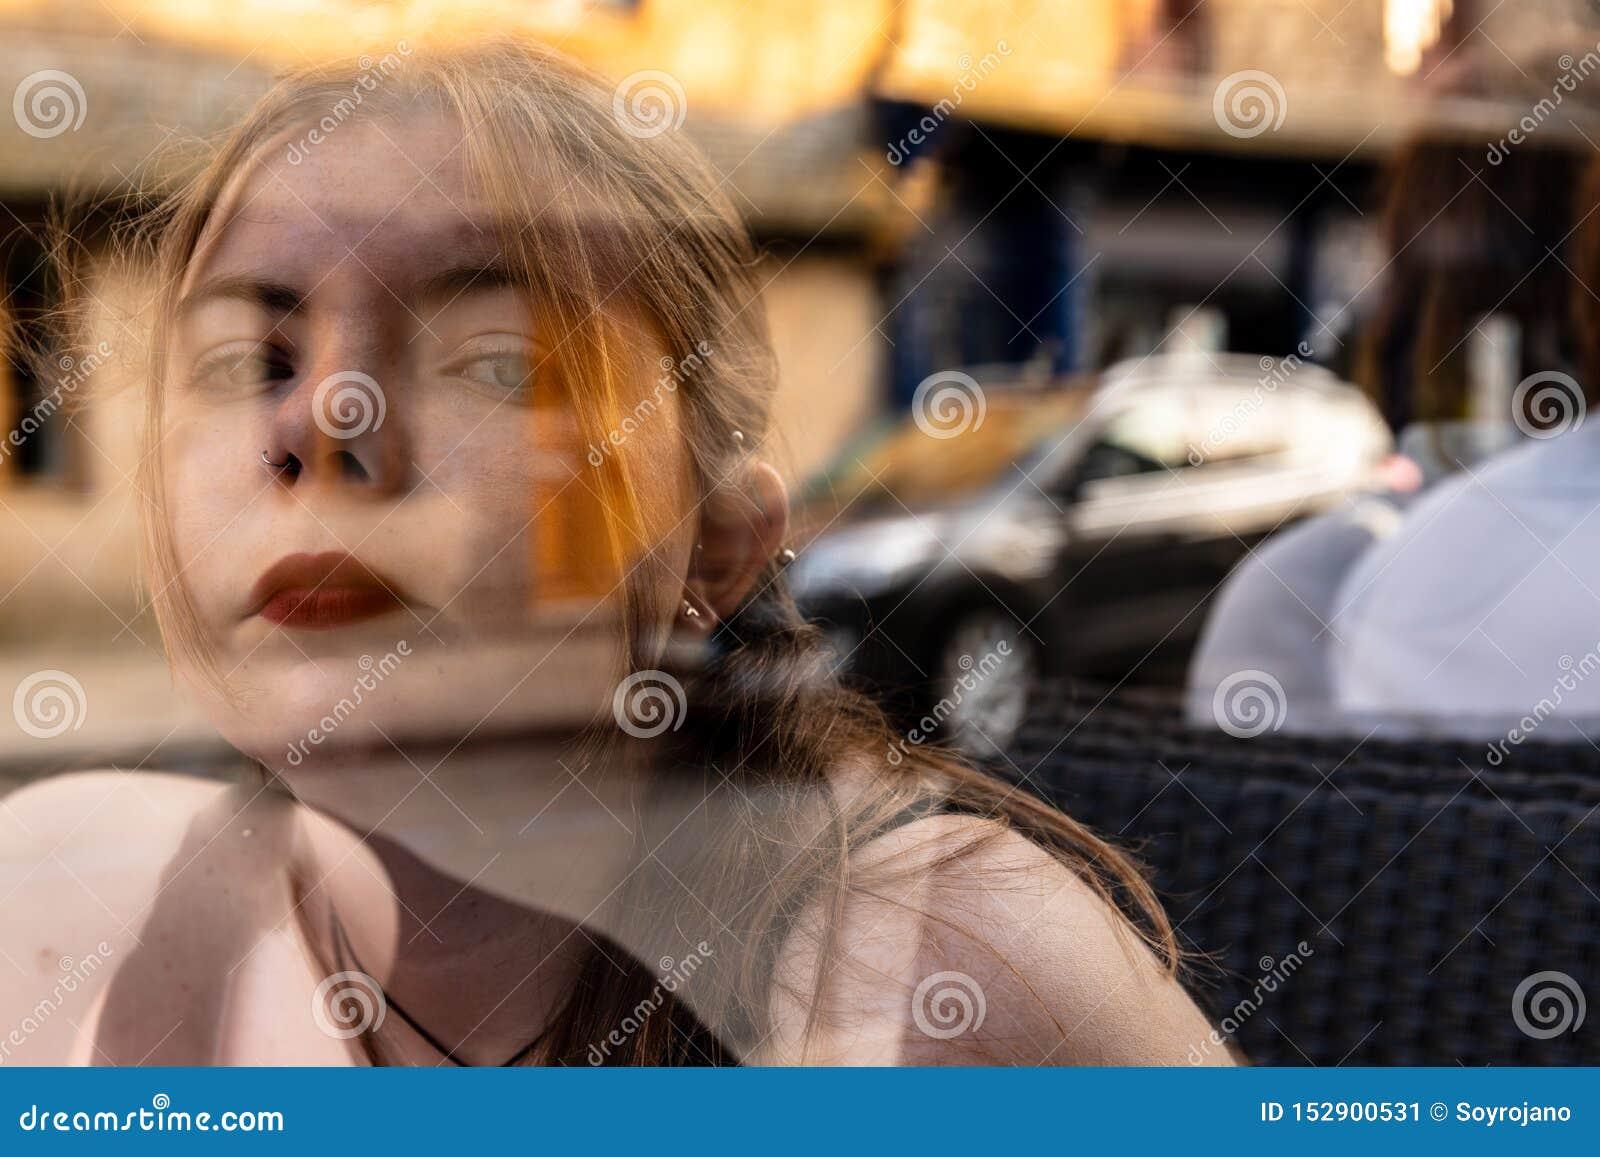 Двойная экспозиция сцены прозрачной девушки сюрреалист